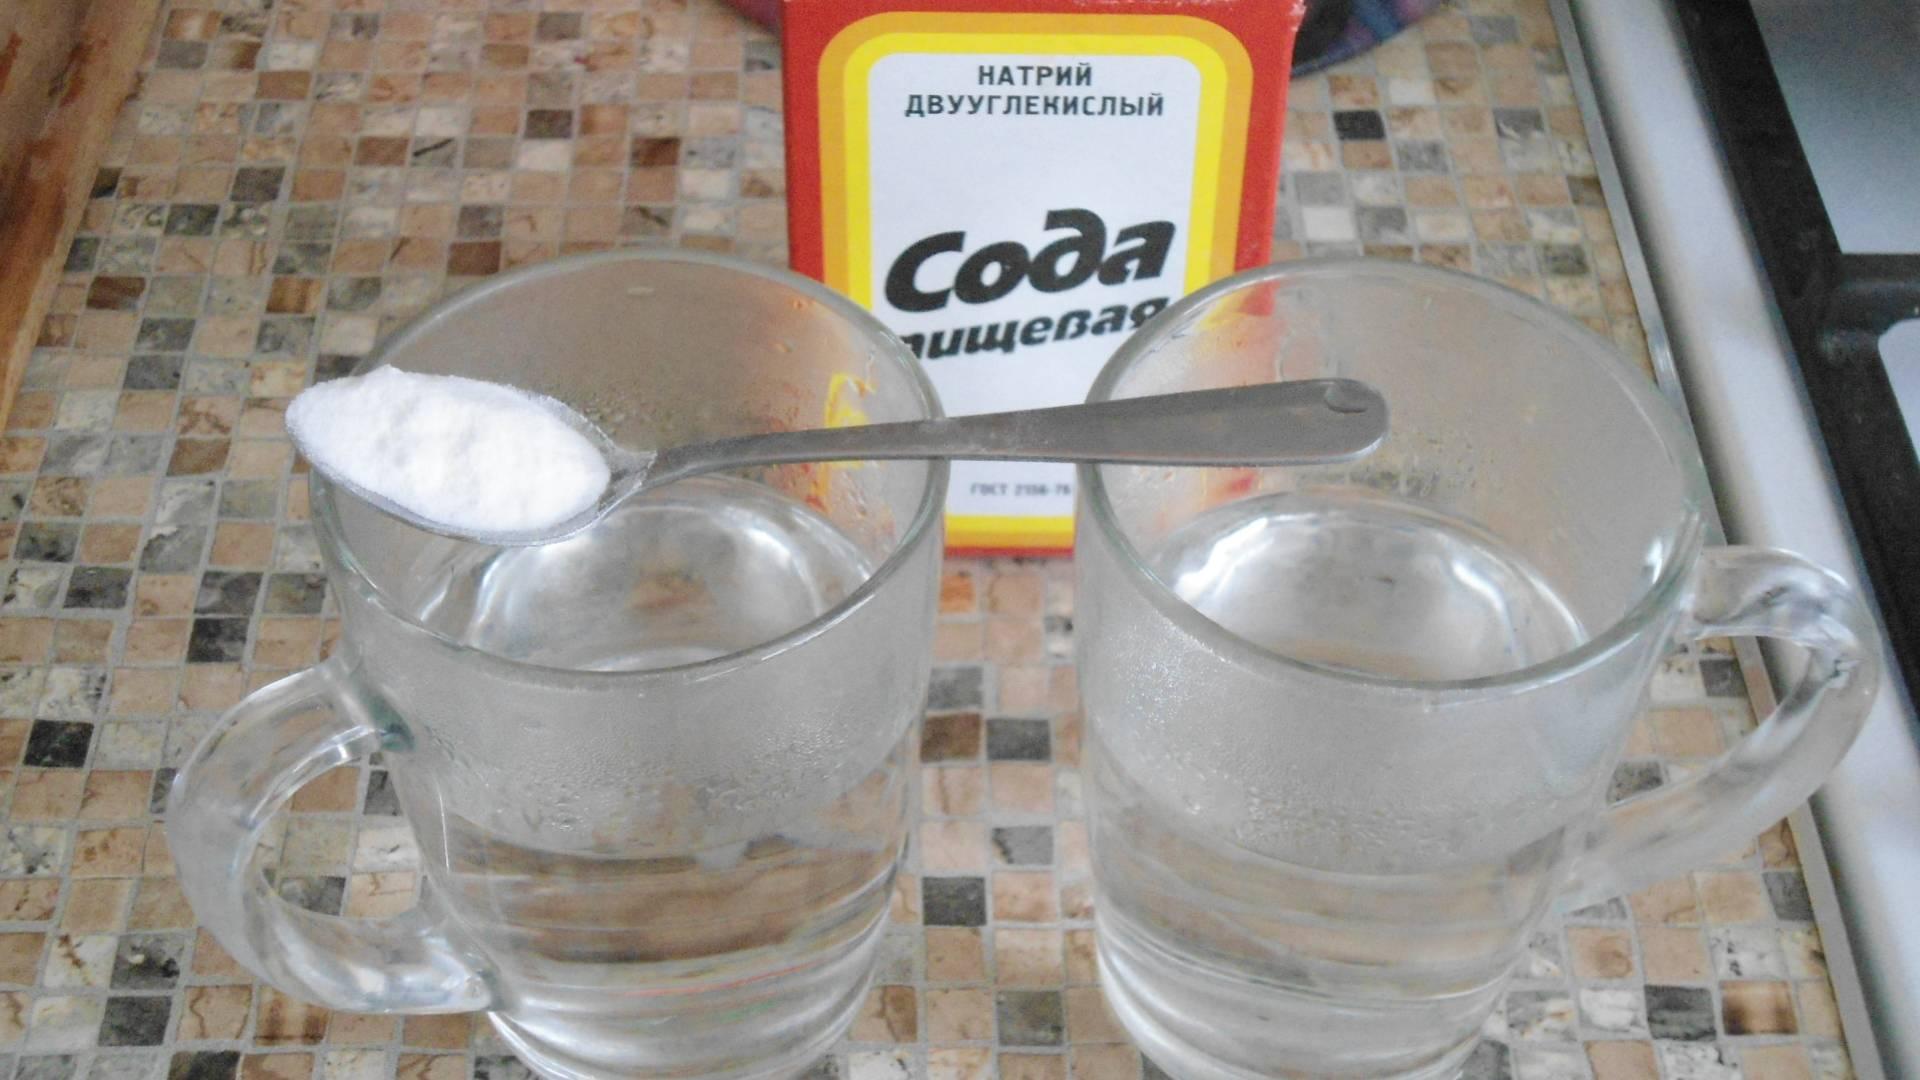 Содовая вода - что это такое, как сделать в домашних условиях | voda-info